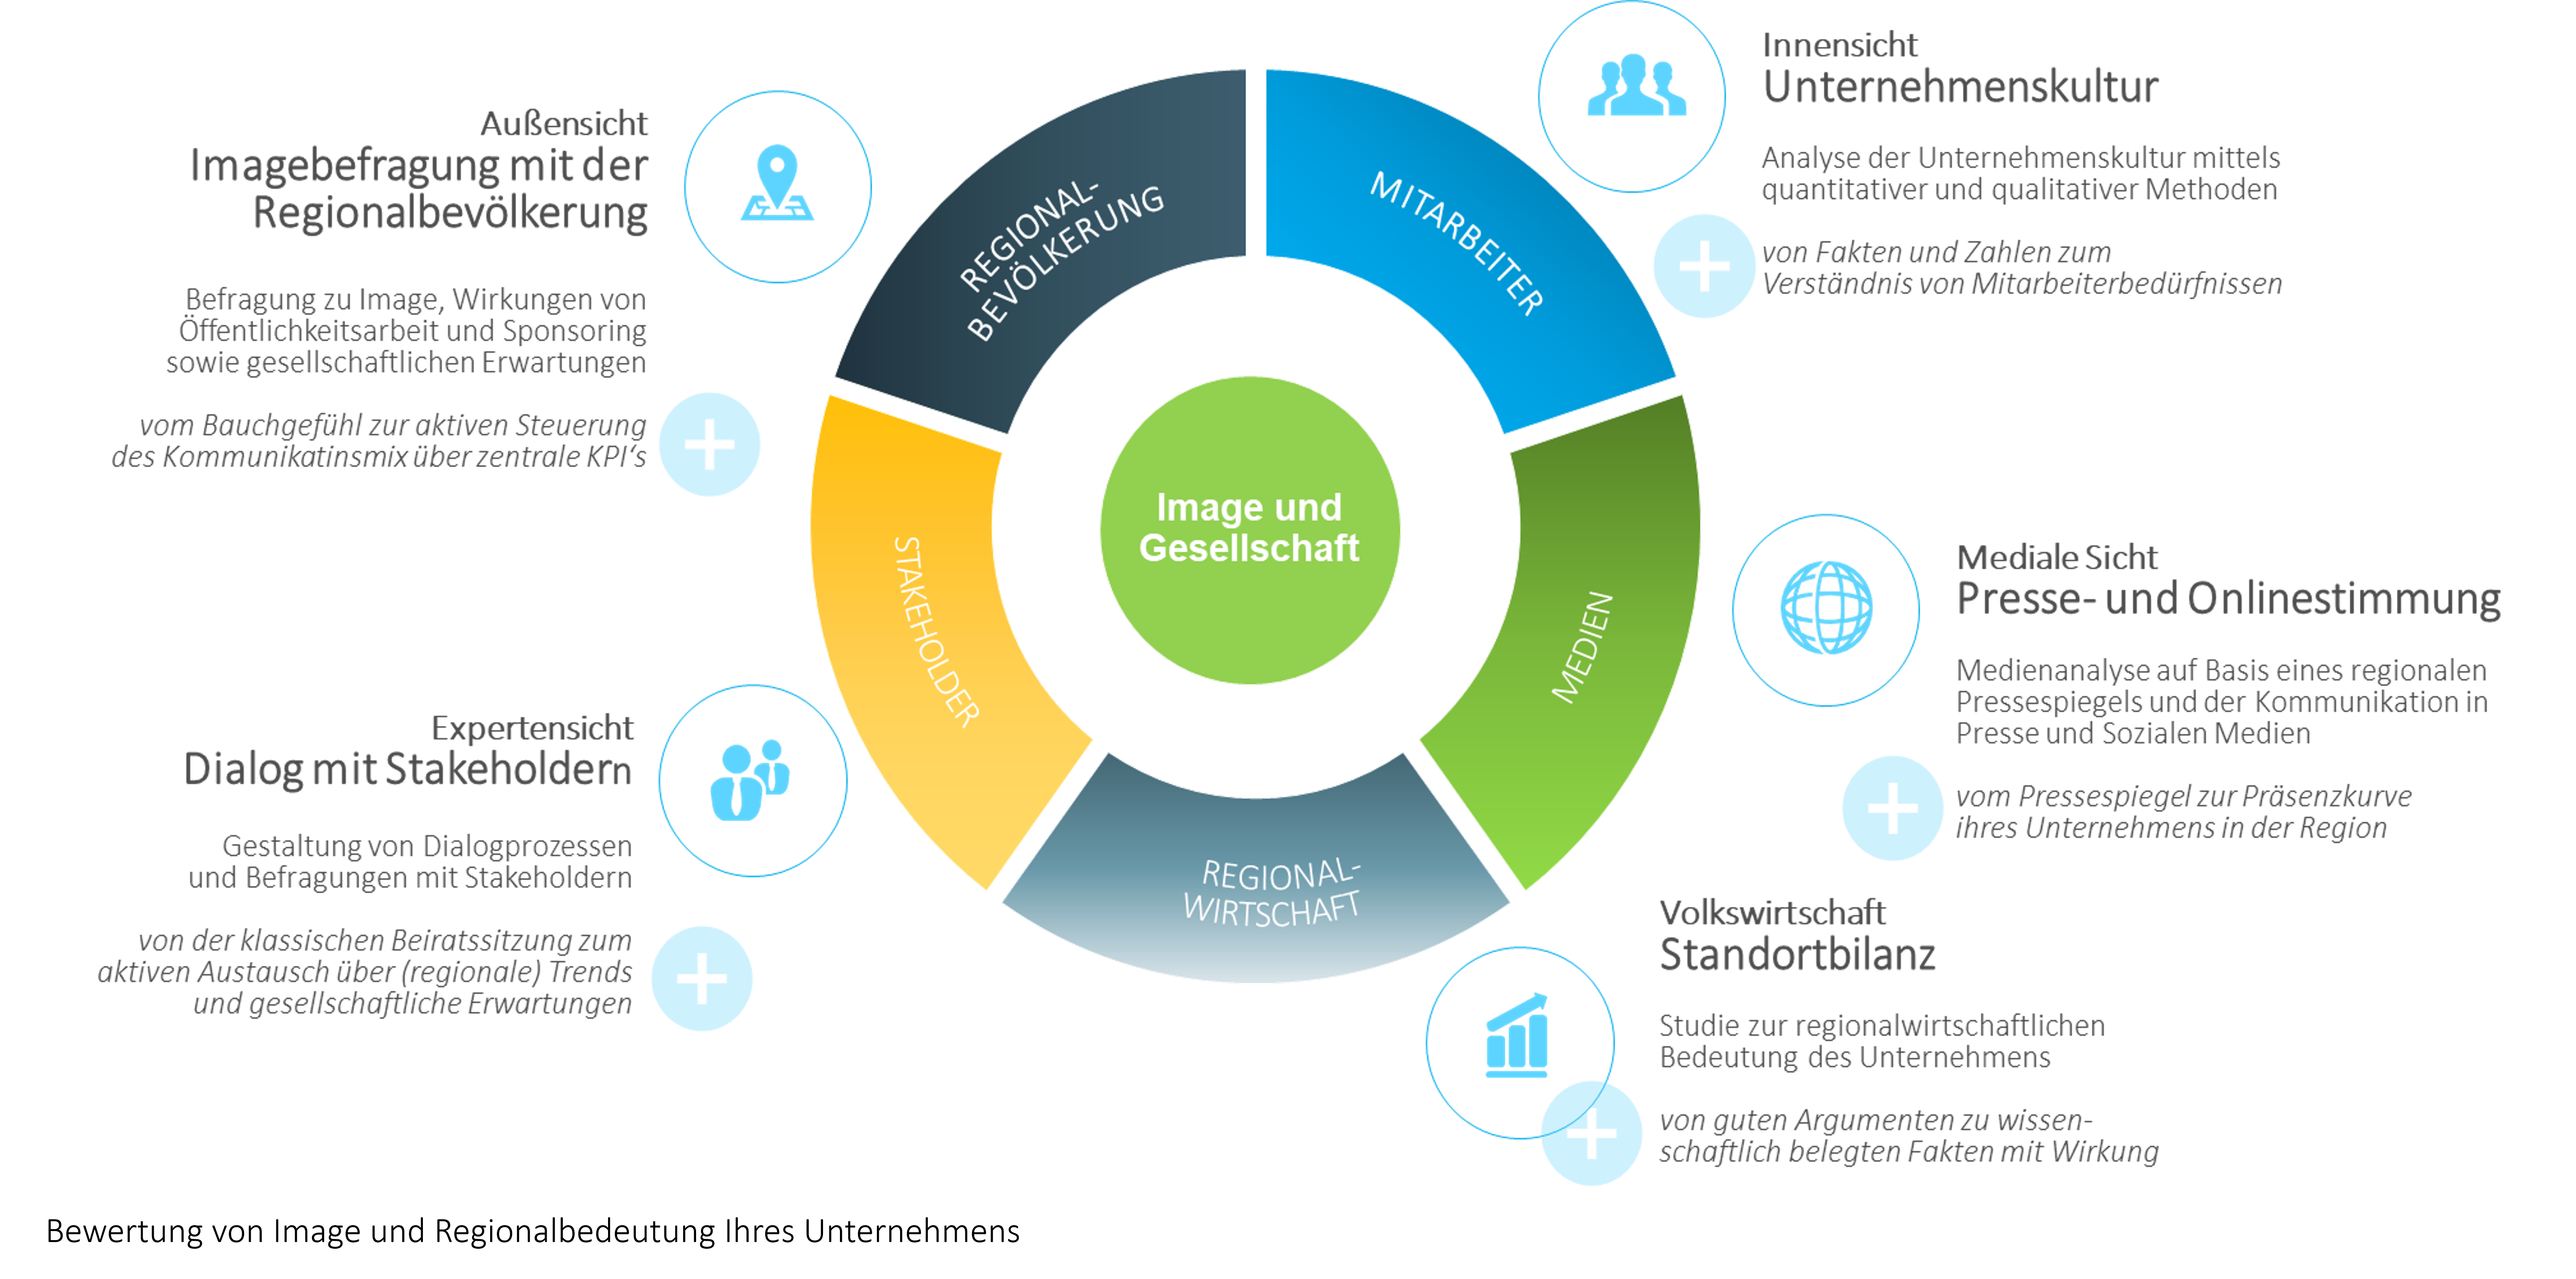 Bewertung von Image und Regionalbedeutung Ihres Unternehmens